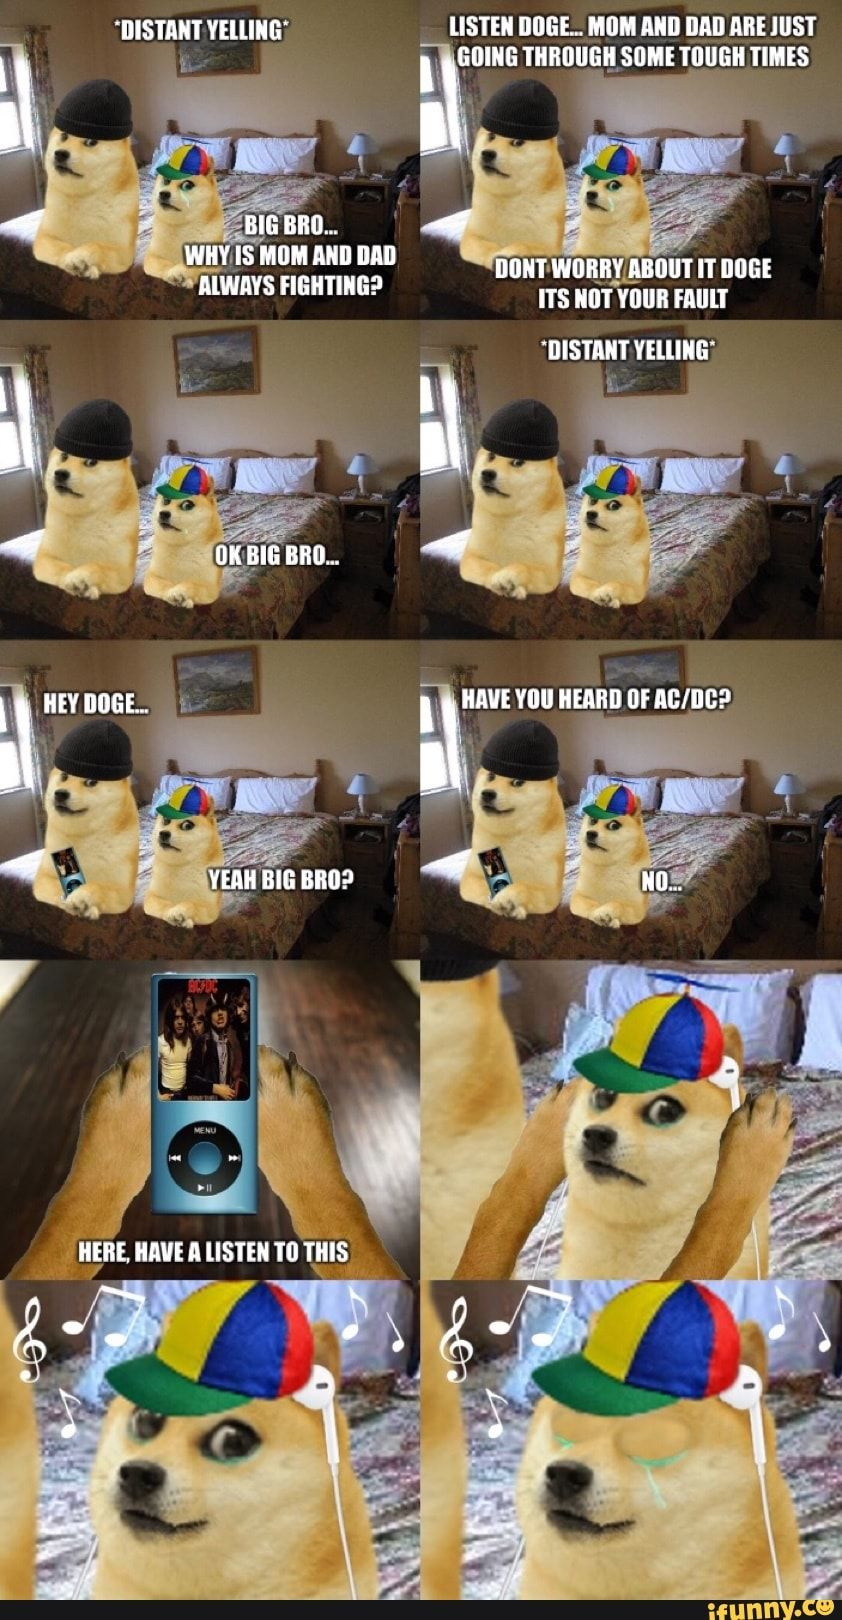 Funny Tough Times Meme